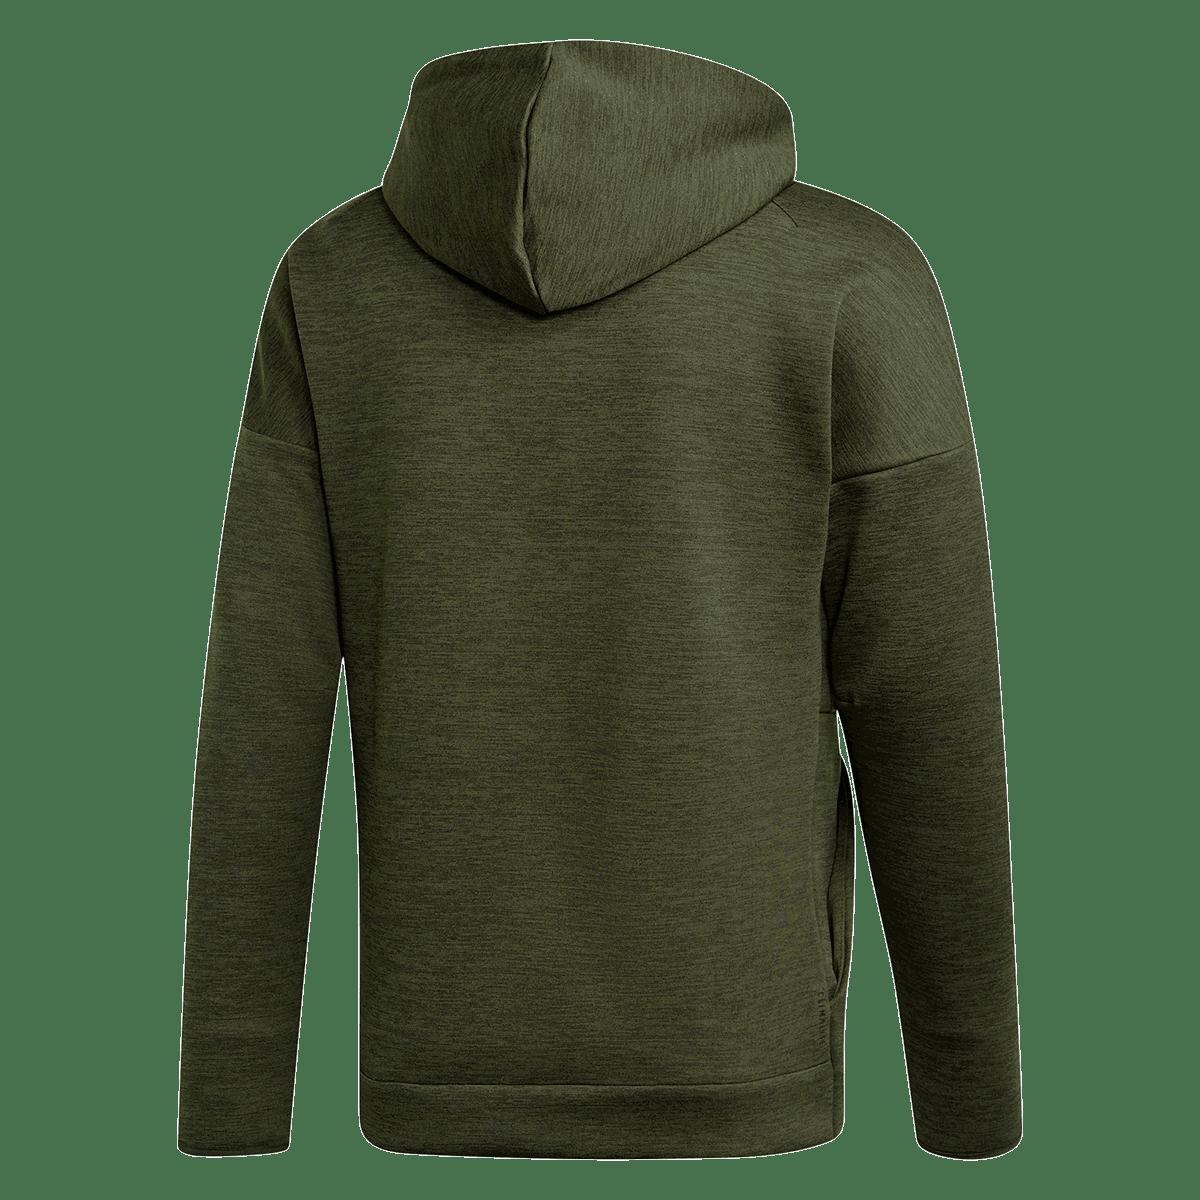 Adidas ZNE Full Zip Up Fleece Hooded Jacket NWT